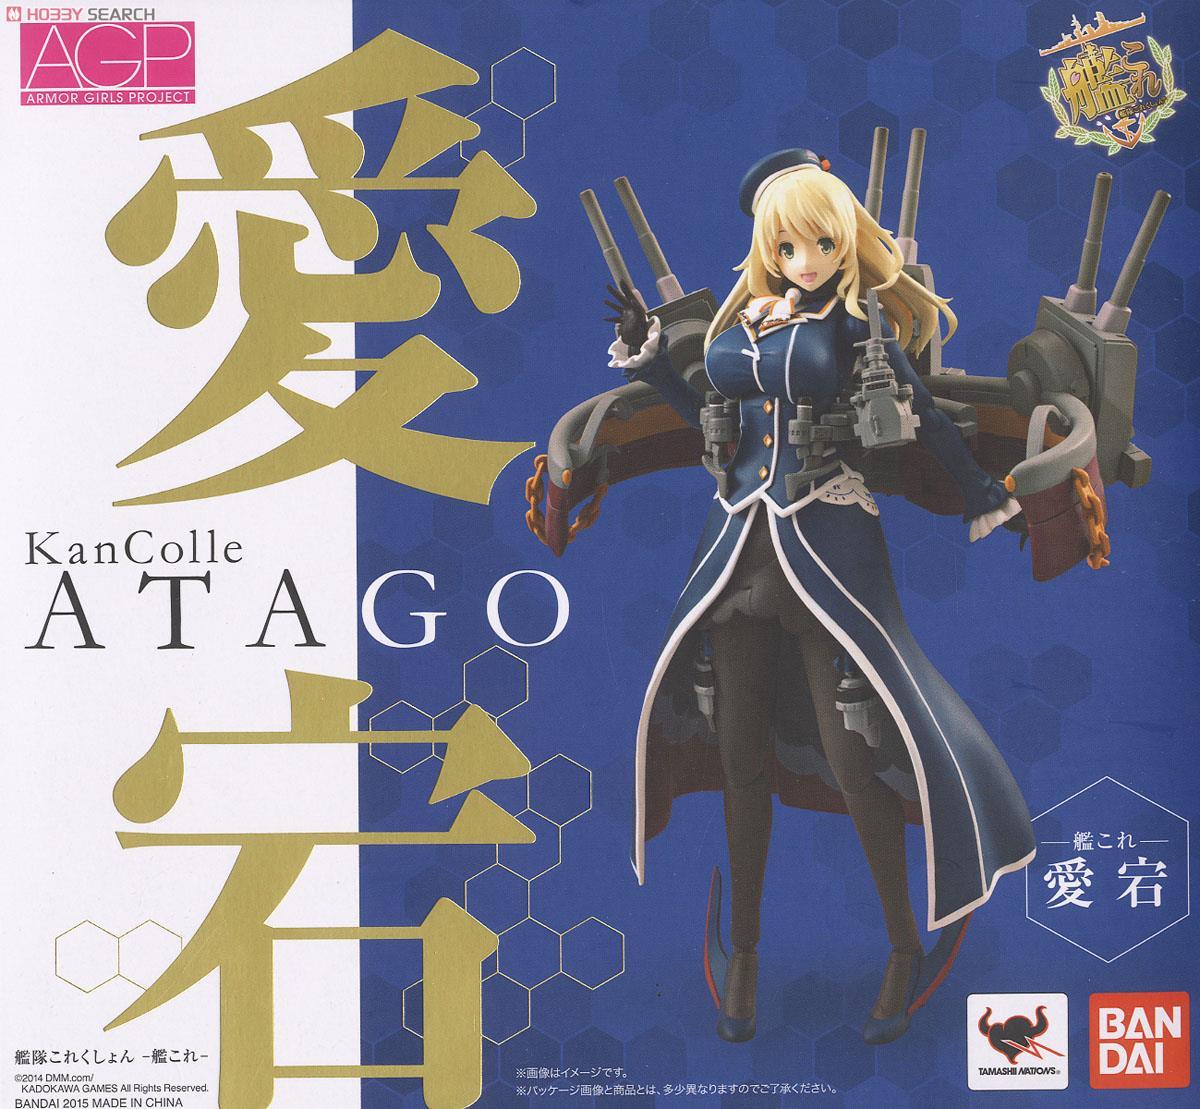 (มี1รอเมลฉบับที่2 ยืนยันก่อนโอน) kantai collection atago